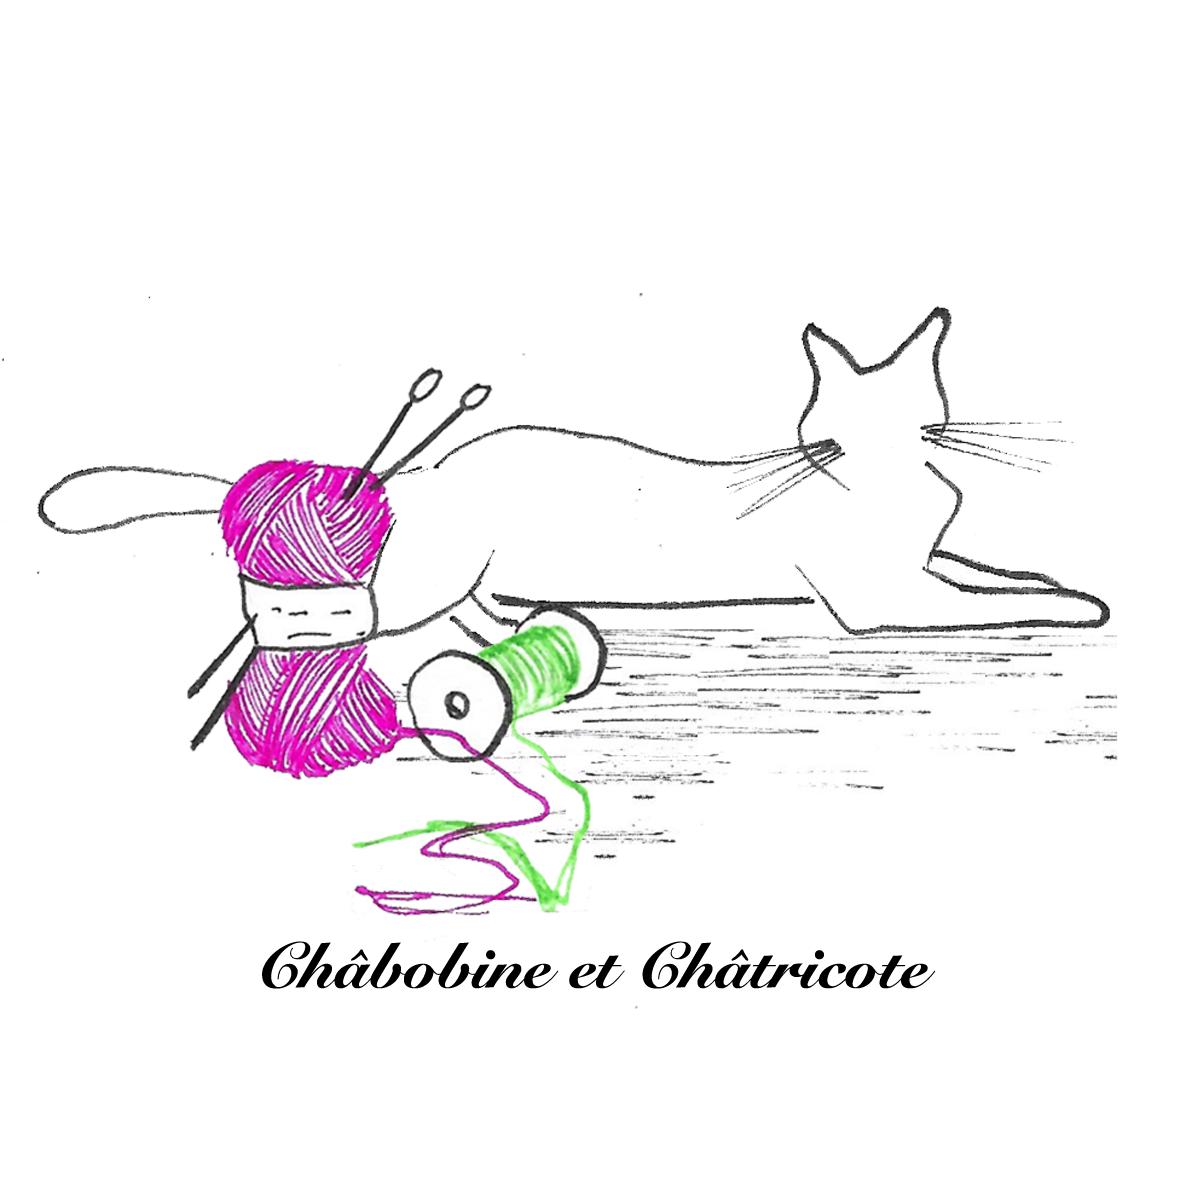 Châbobine et Châtricote